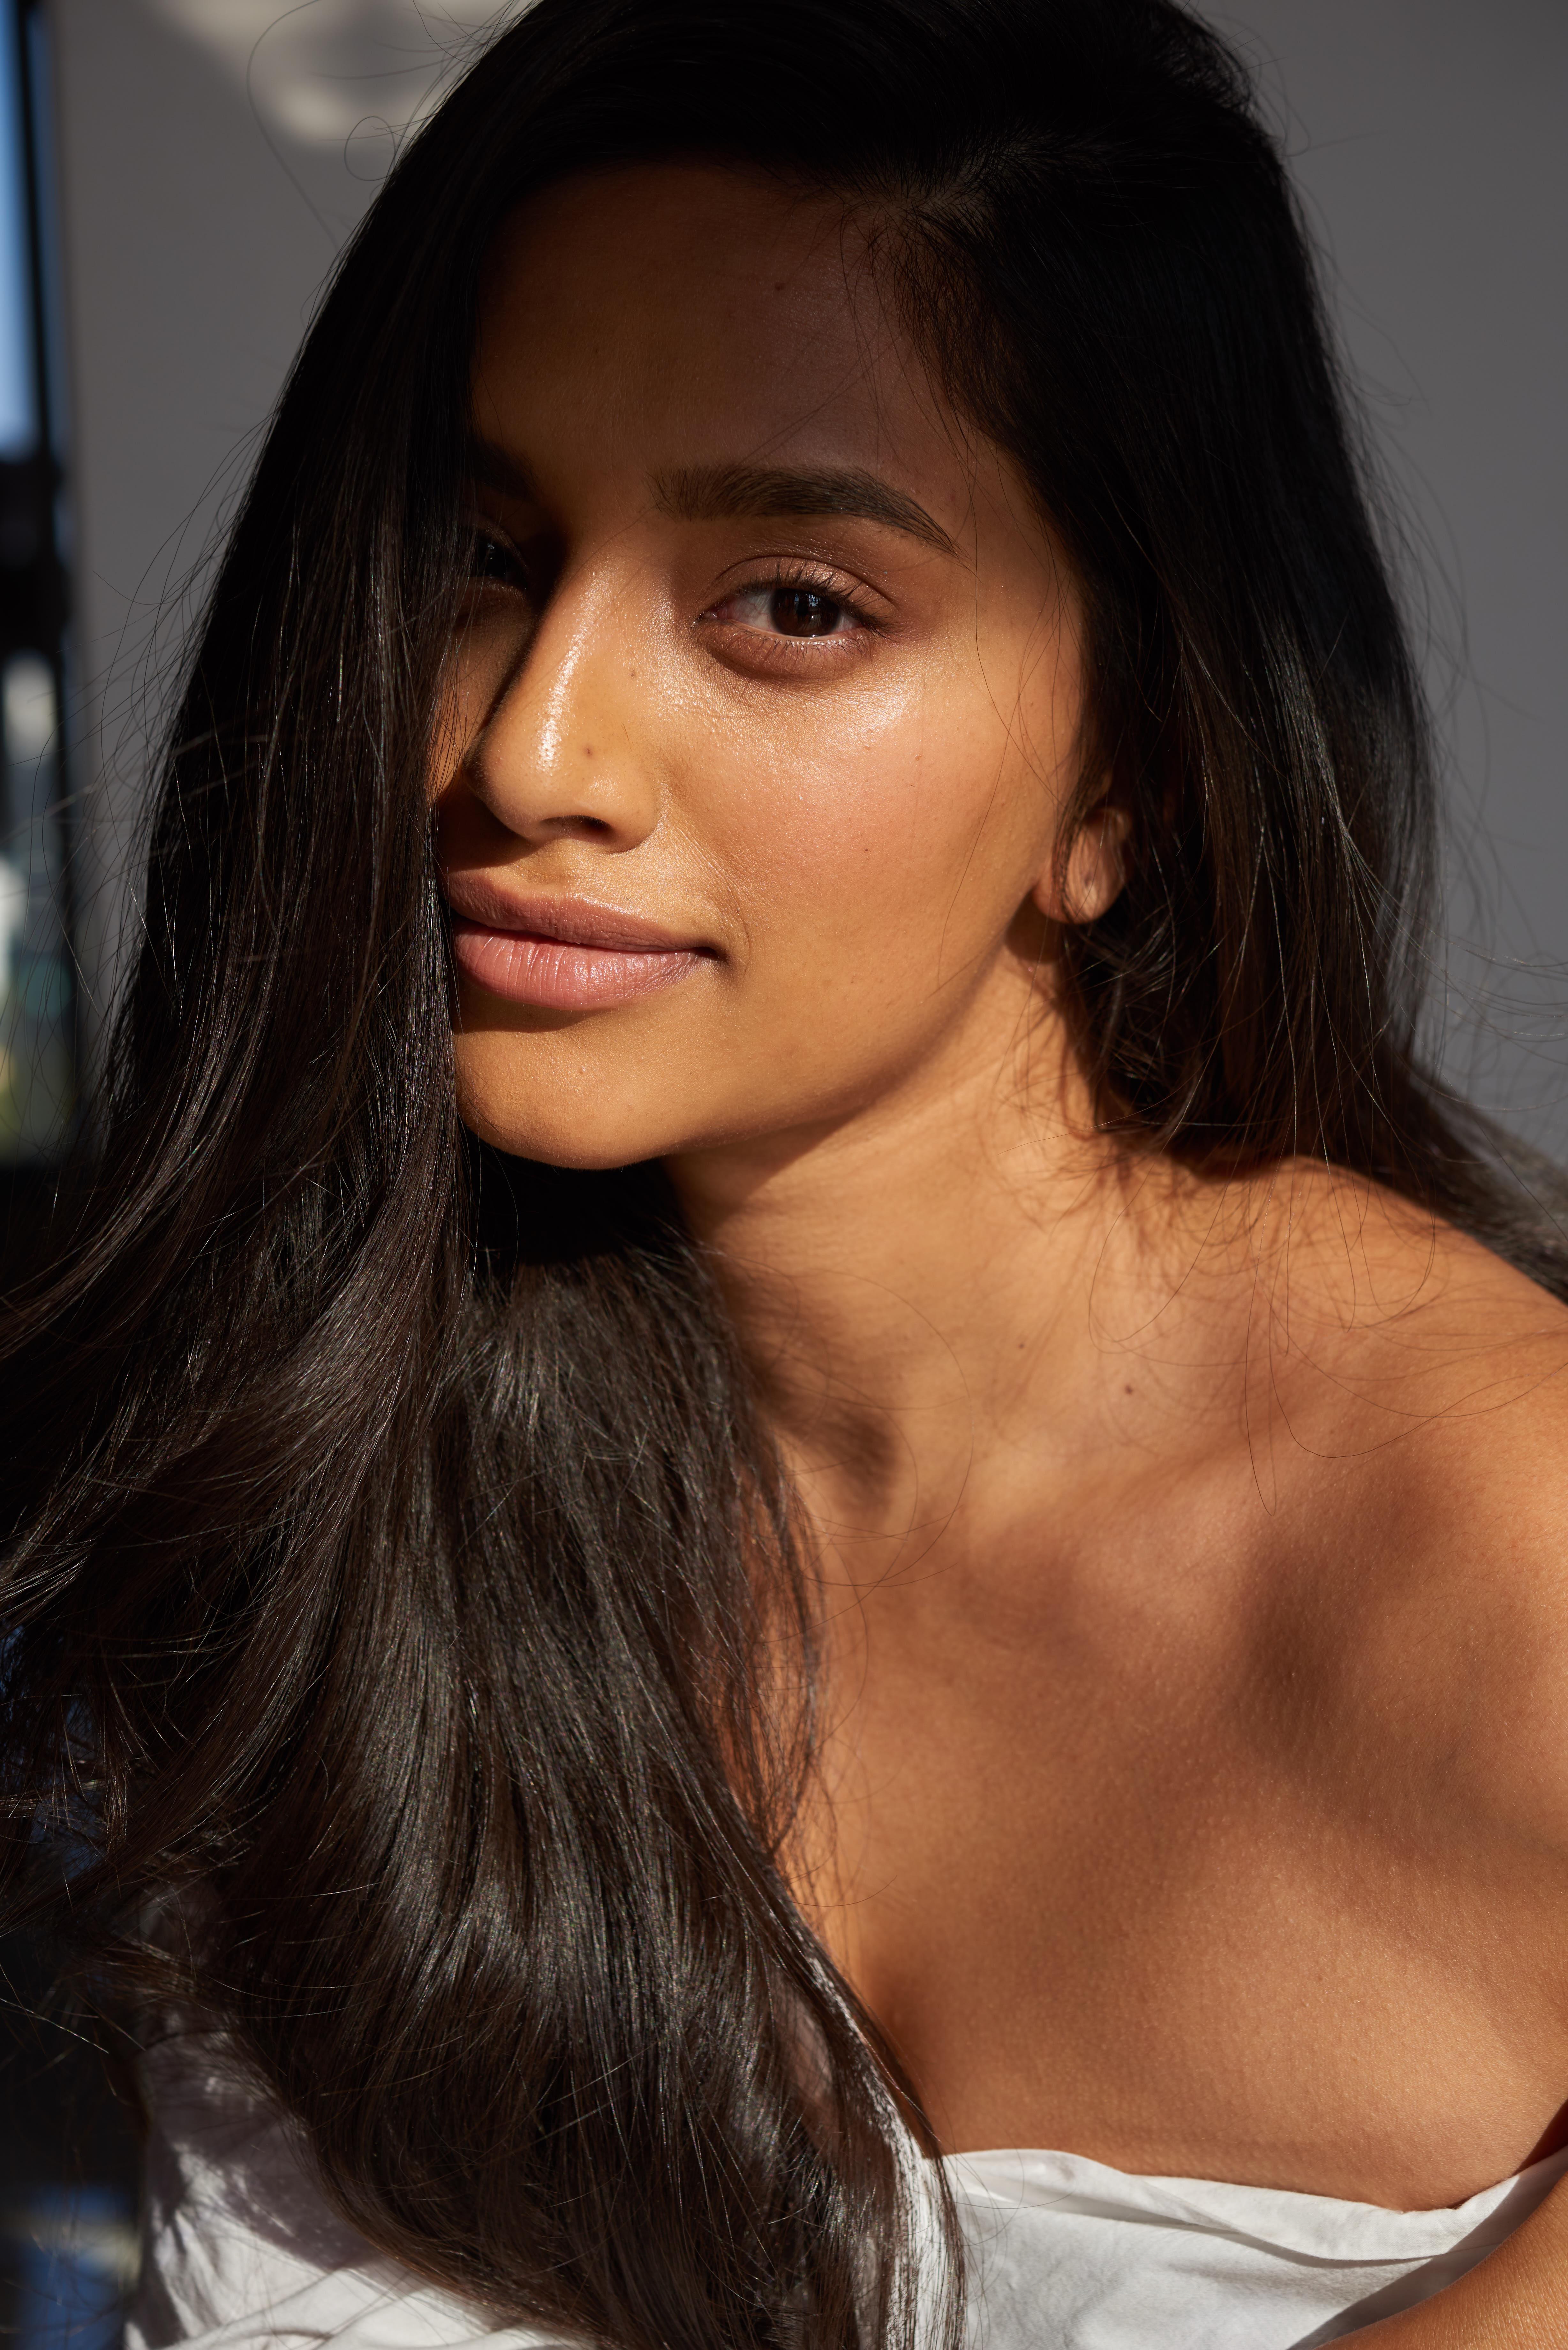 Rakshitha Harimurthy (14)